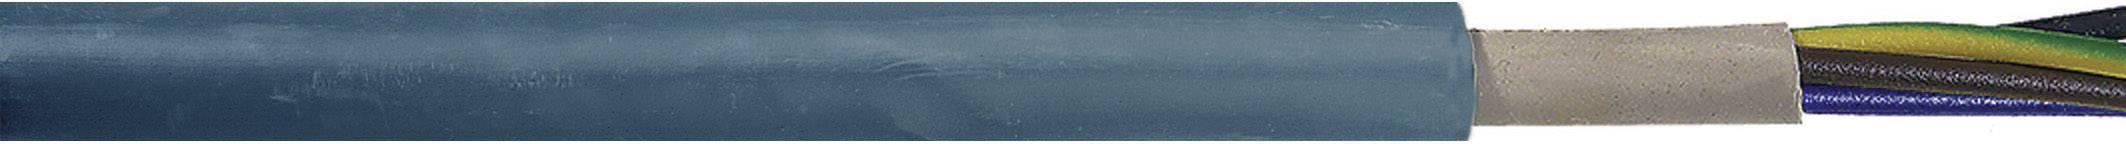 Zemný kábel LappKabel NYY-J 15500013, 3 x 1.50 mm², metrový tovar, čierna